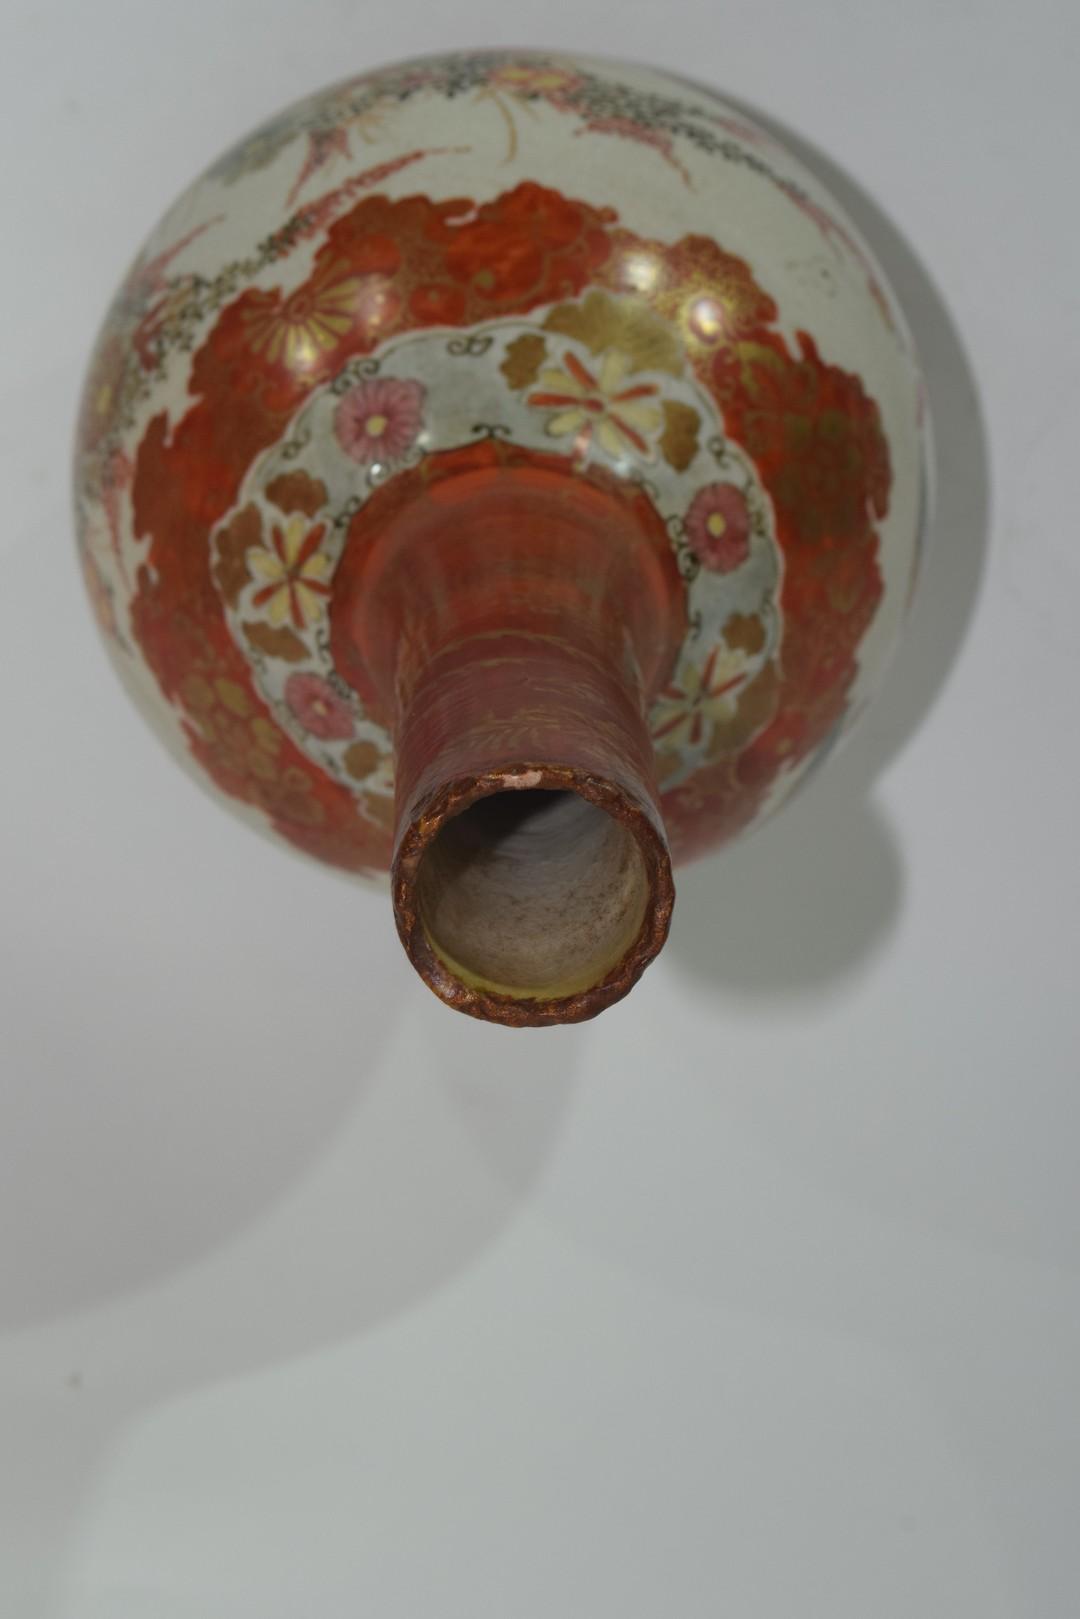 Group of Japanese Kutani style vases - Image 17 of 18